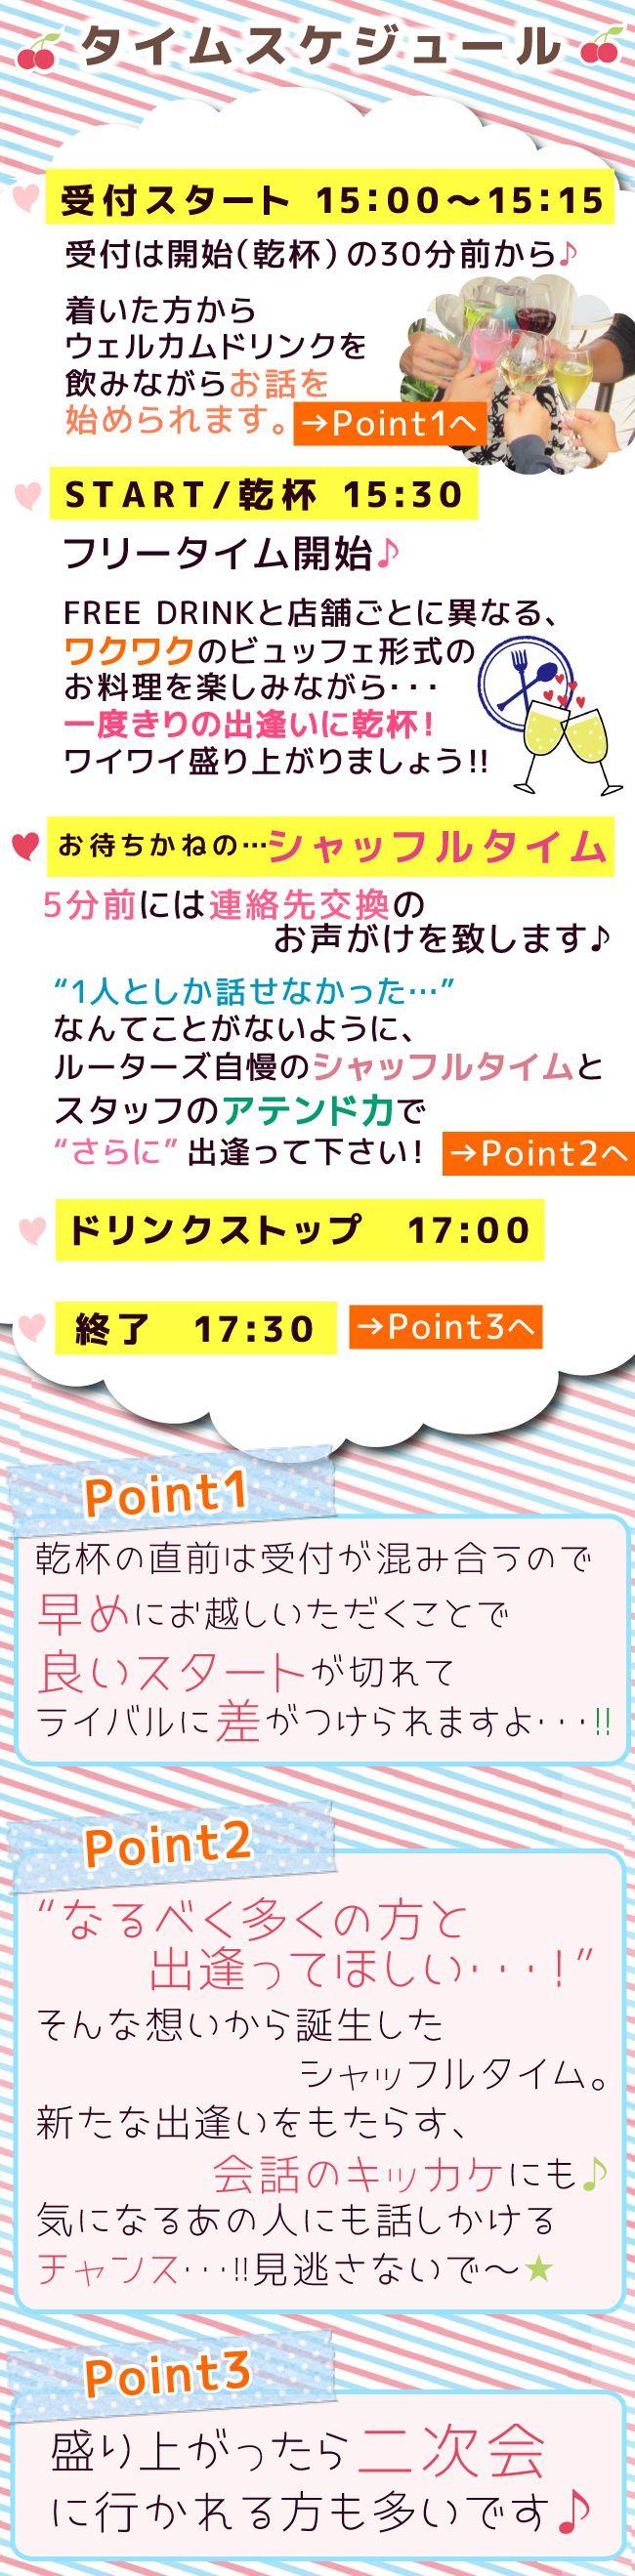 ☆他社1530-1730